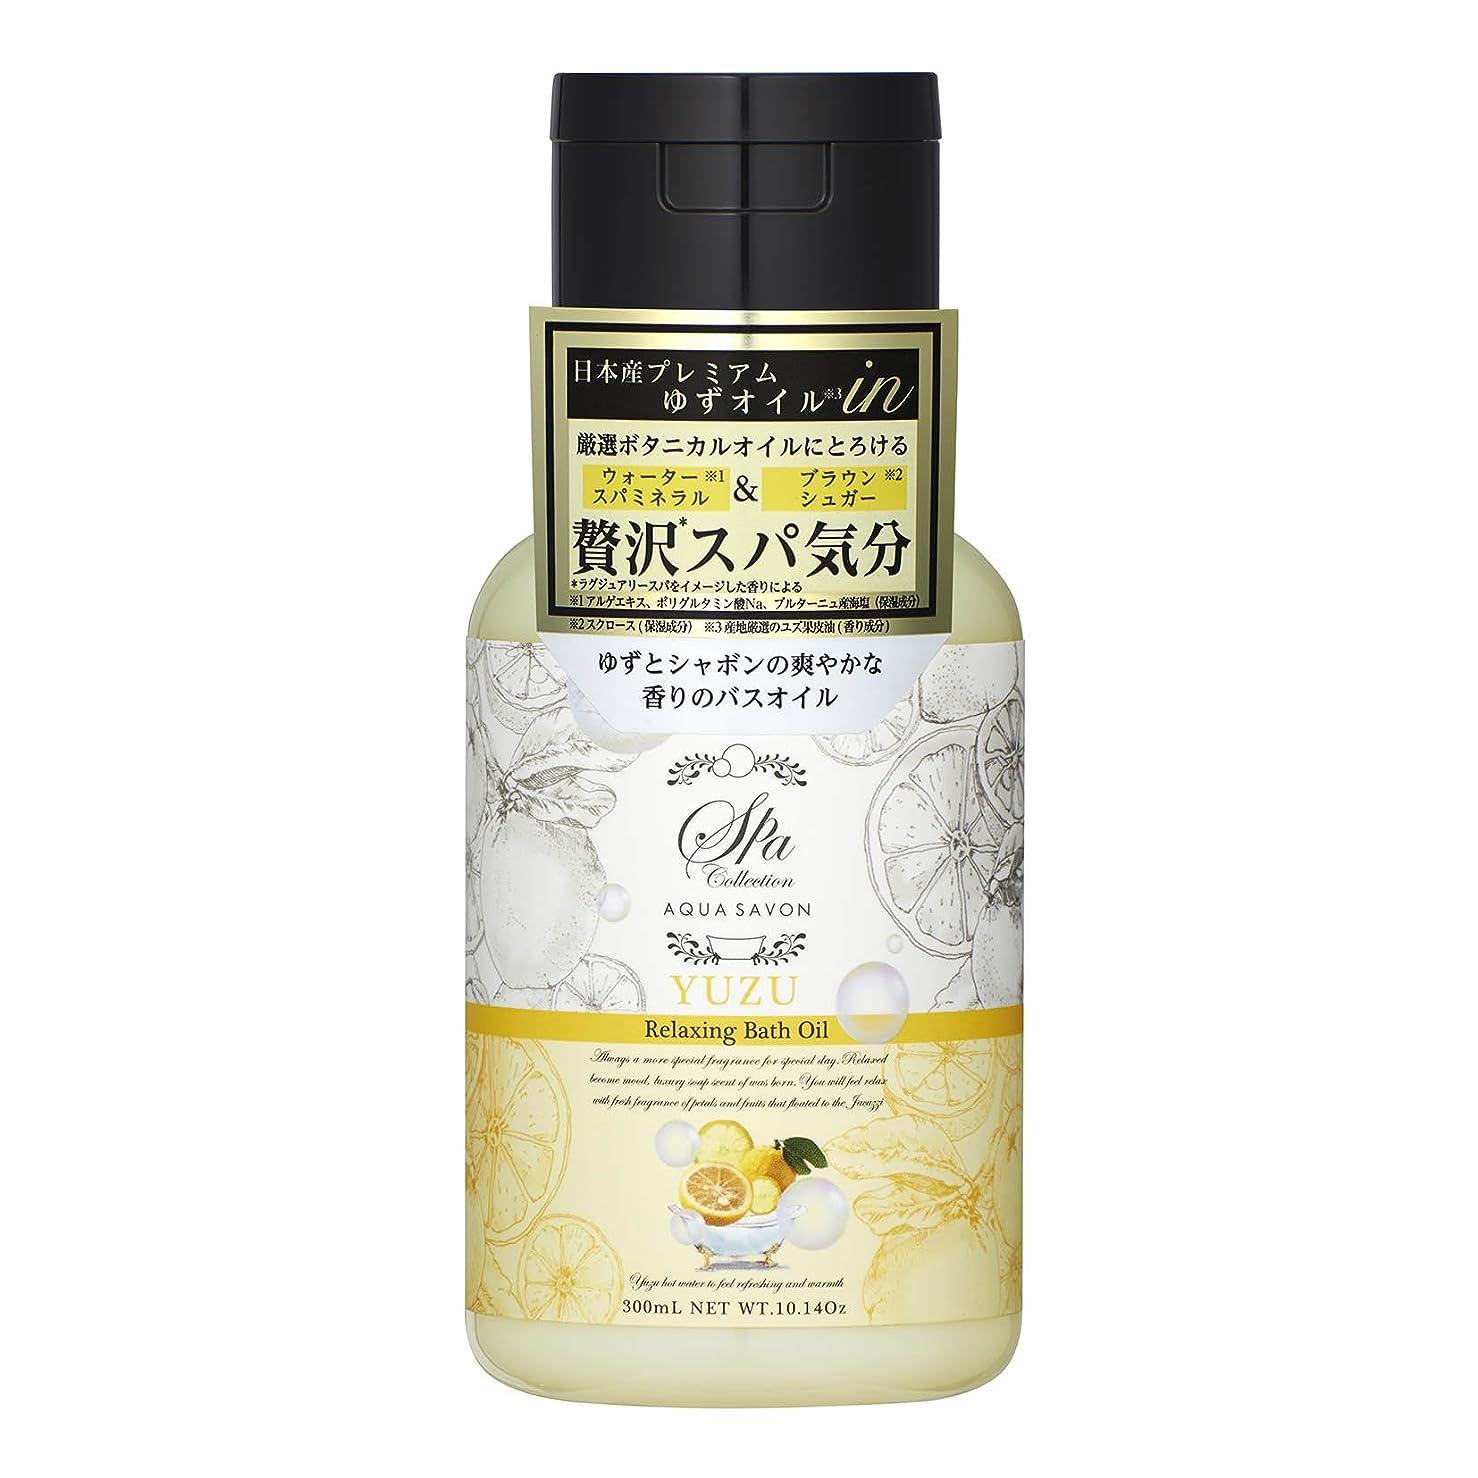 取り囲むやけど不信アクアシャボン スパコレクション リラクシングバスオイル ゆずスパの香り 300mL